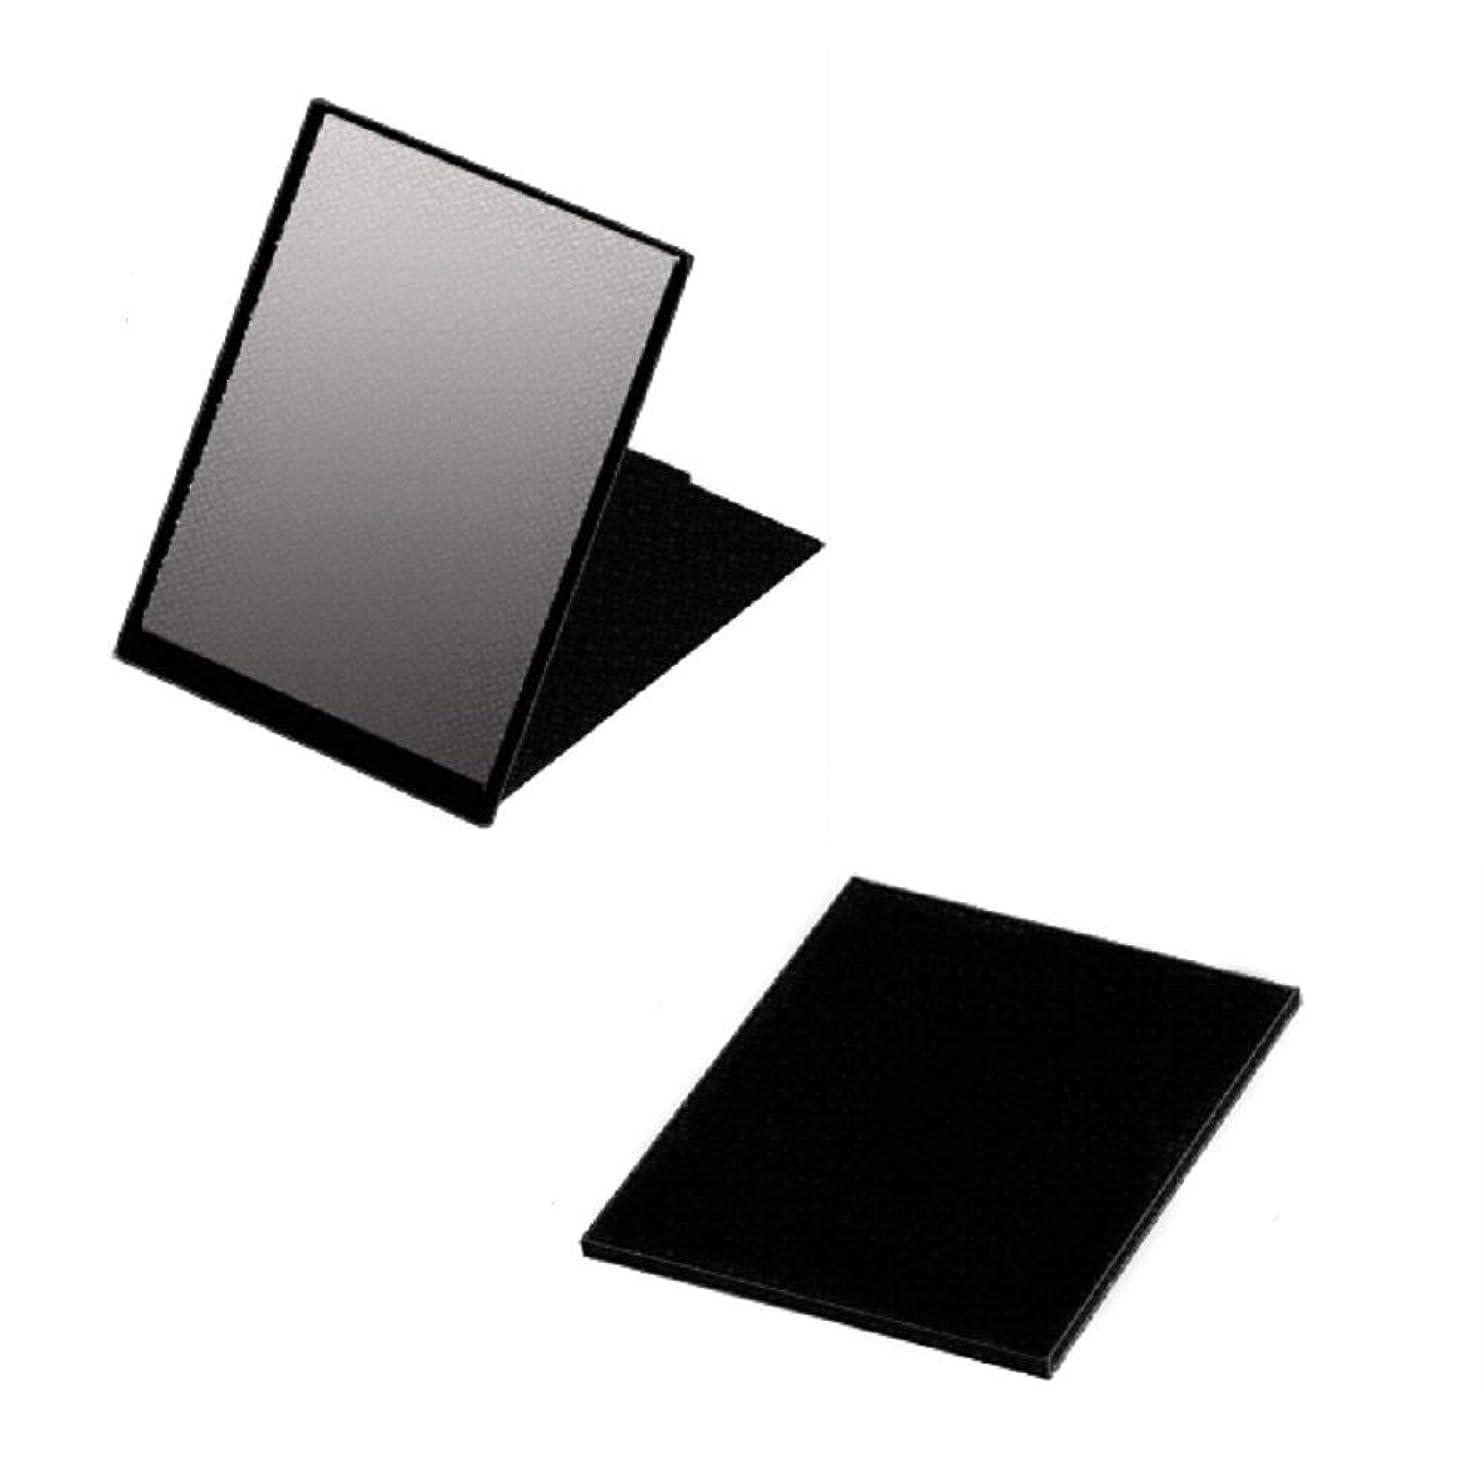 市場相対的ポーズハイパービュースリム&ライトコンパクトミラー(M) HV-001 ブラック